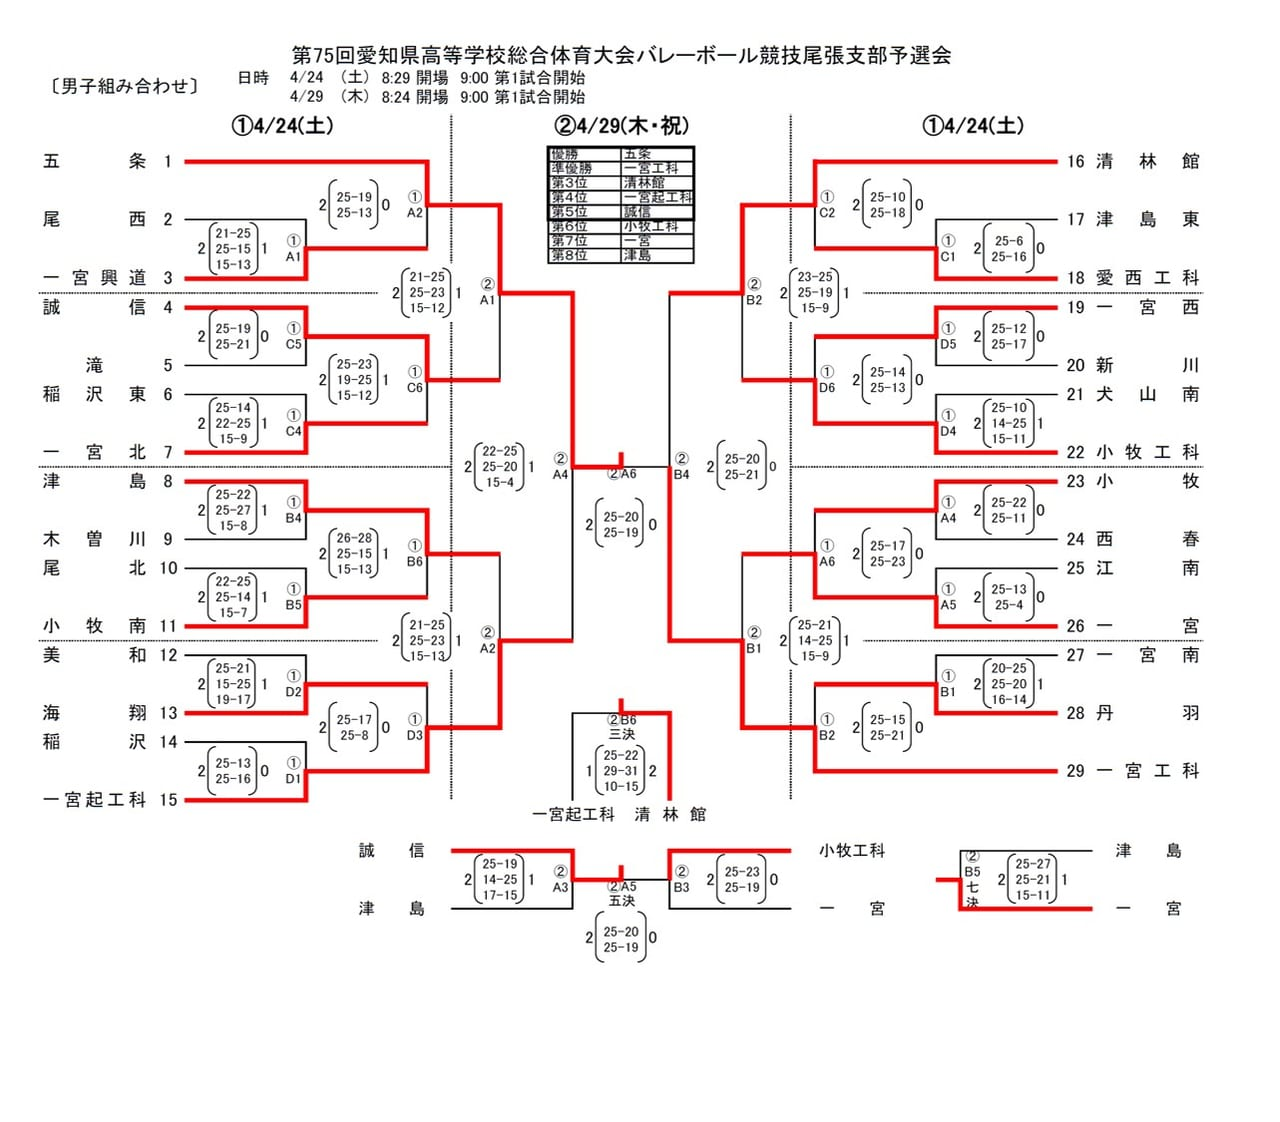 2021年度_インターハイ予選_愛知県_尾張地区_男子_結果